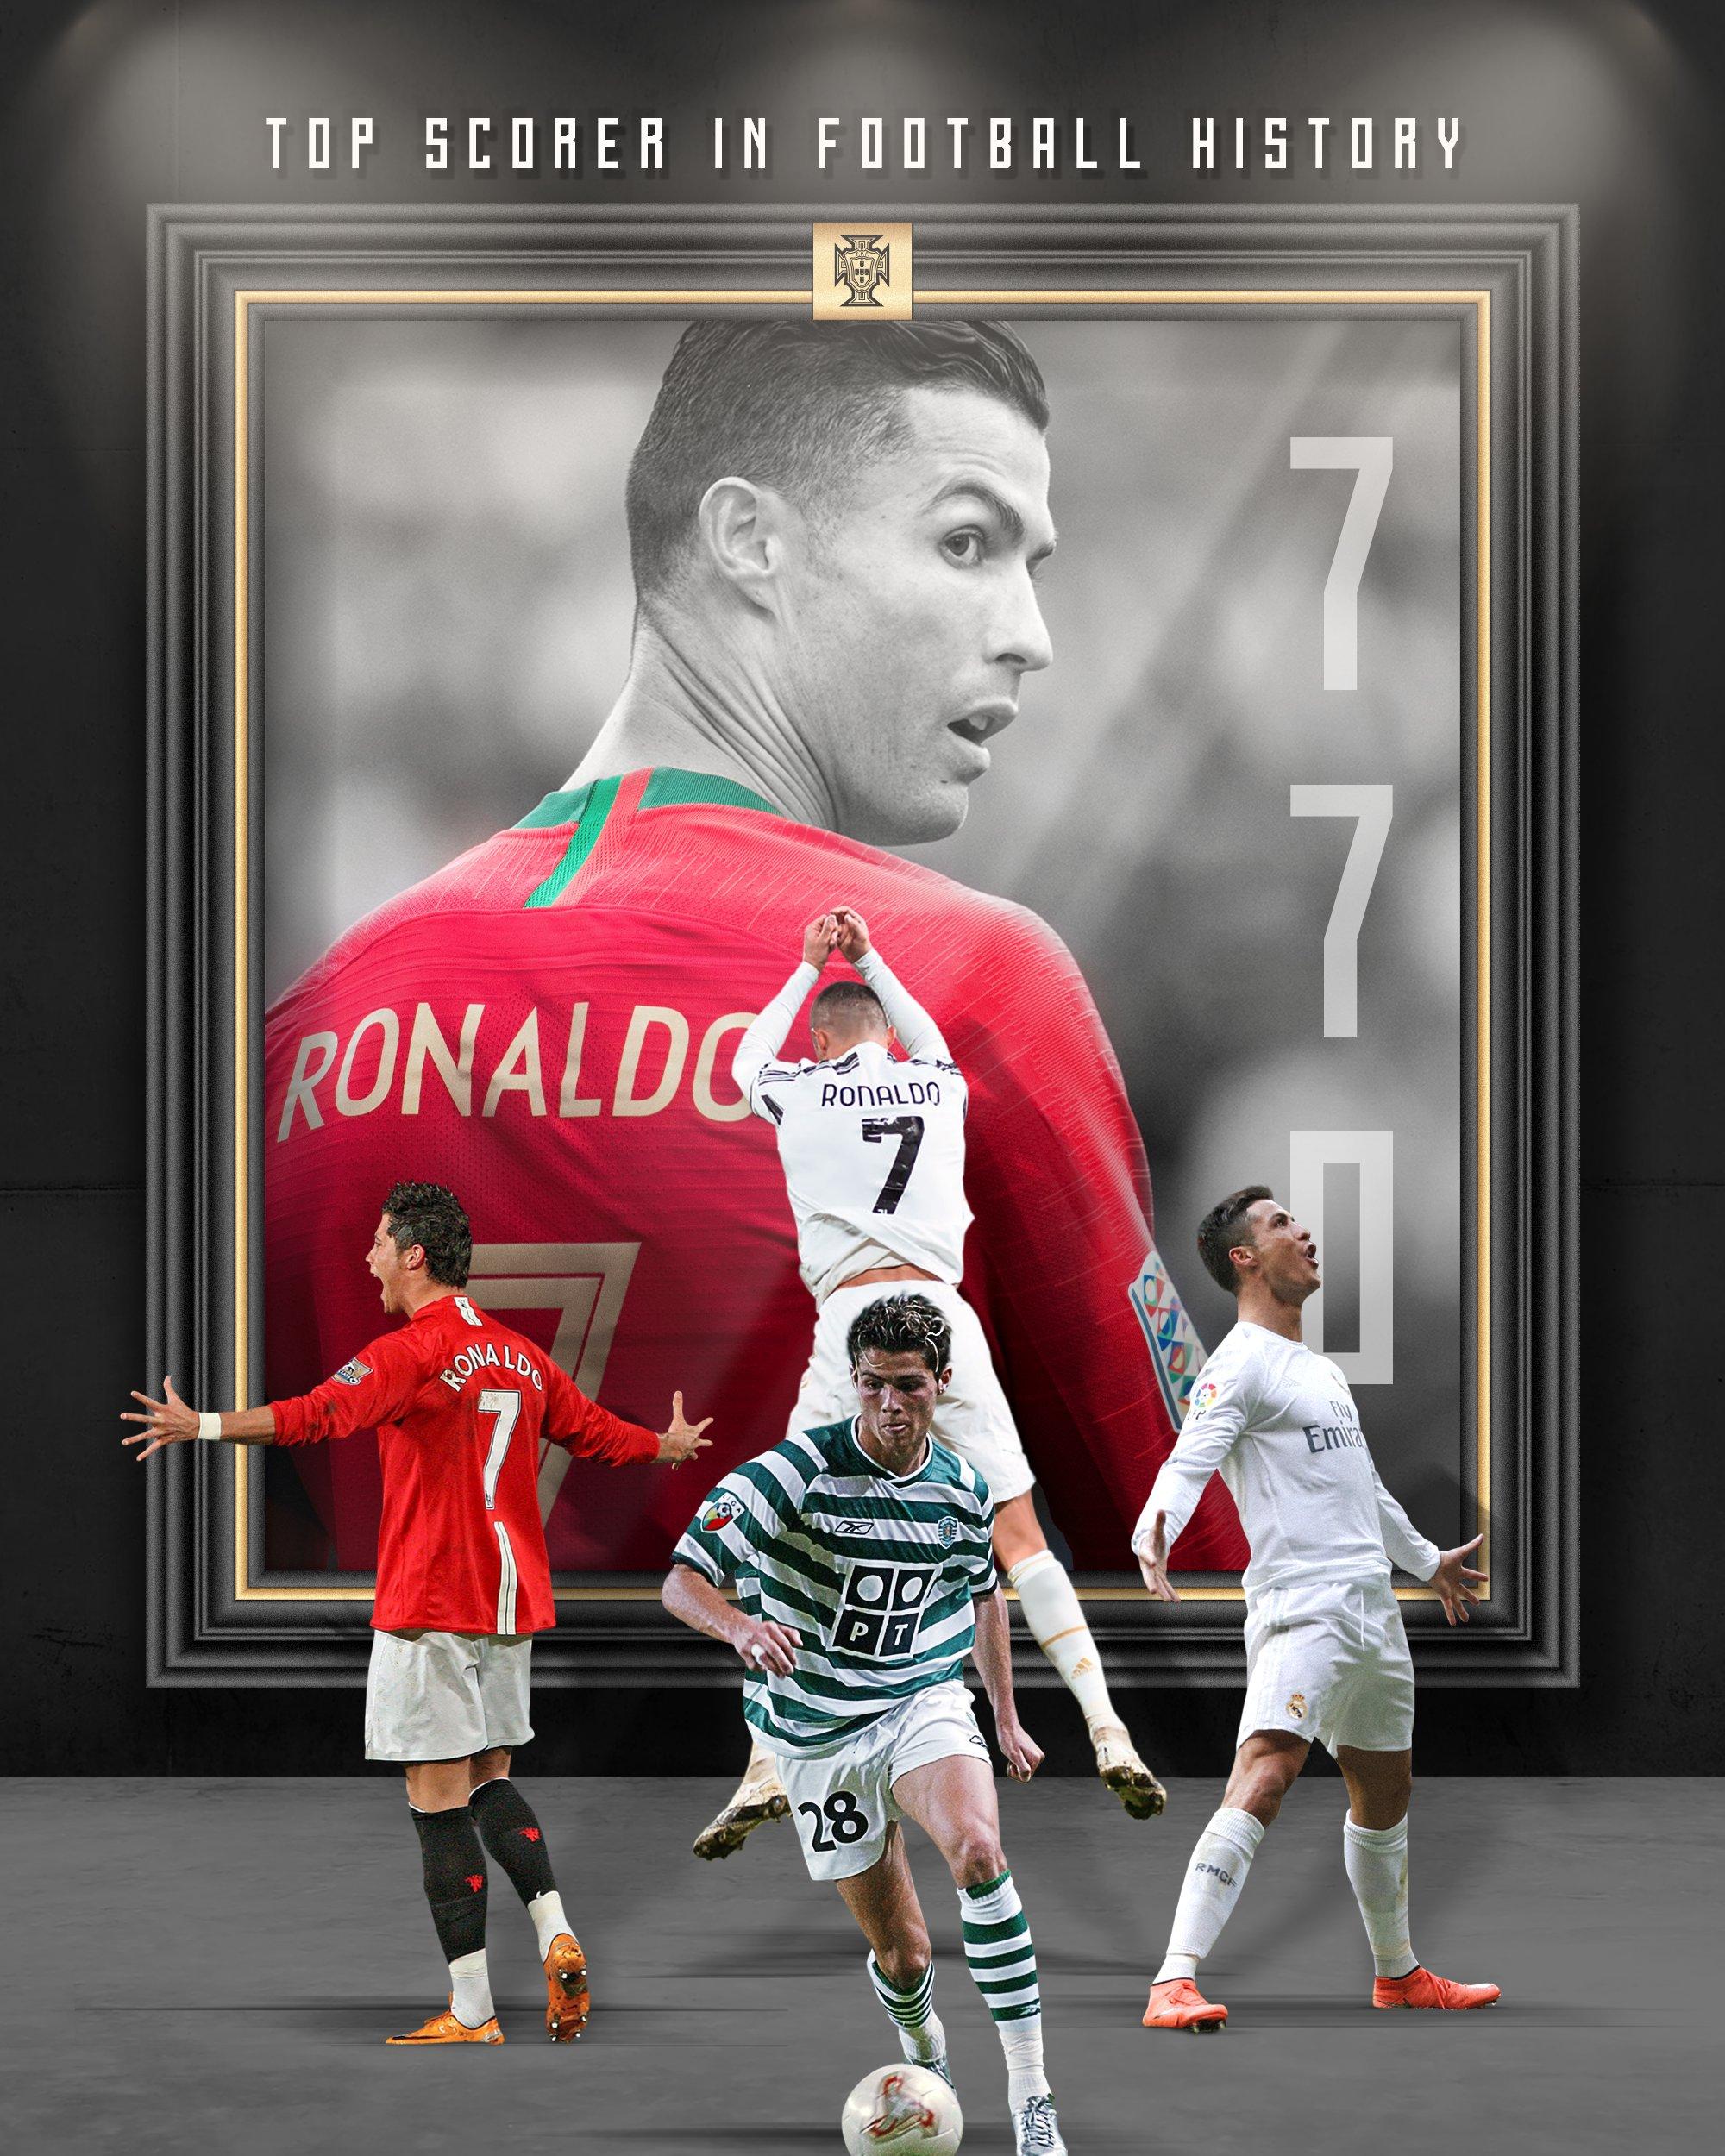 रोनाल्डो अब इतिहासकै 'सर्वाधिक गोलकर्ता' खेलाडी : सन्यास लिँदासम्म कति गोल गर्लान् ?